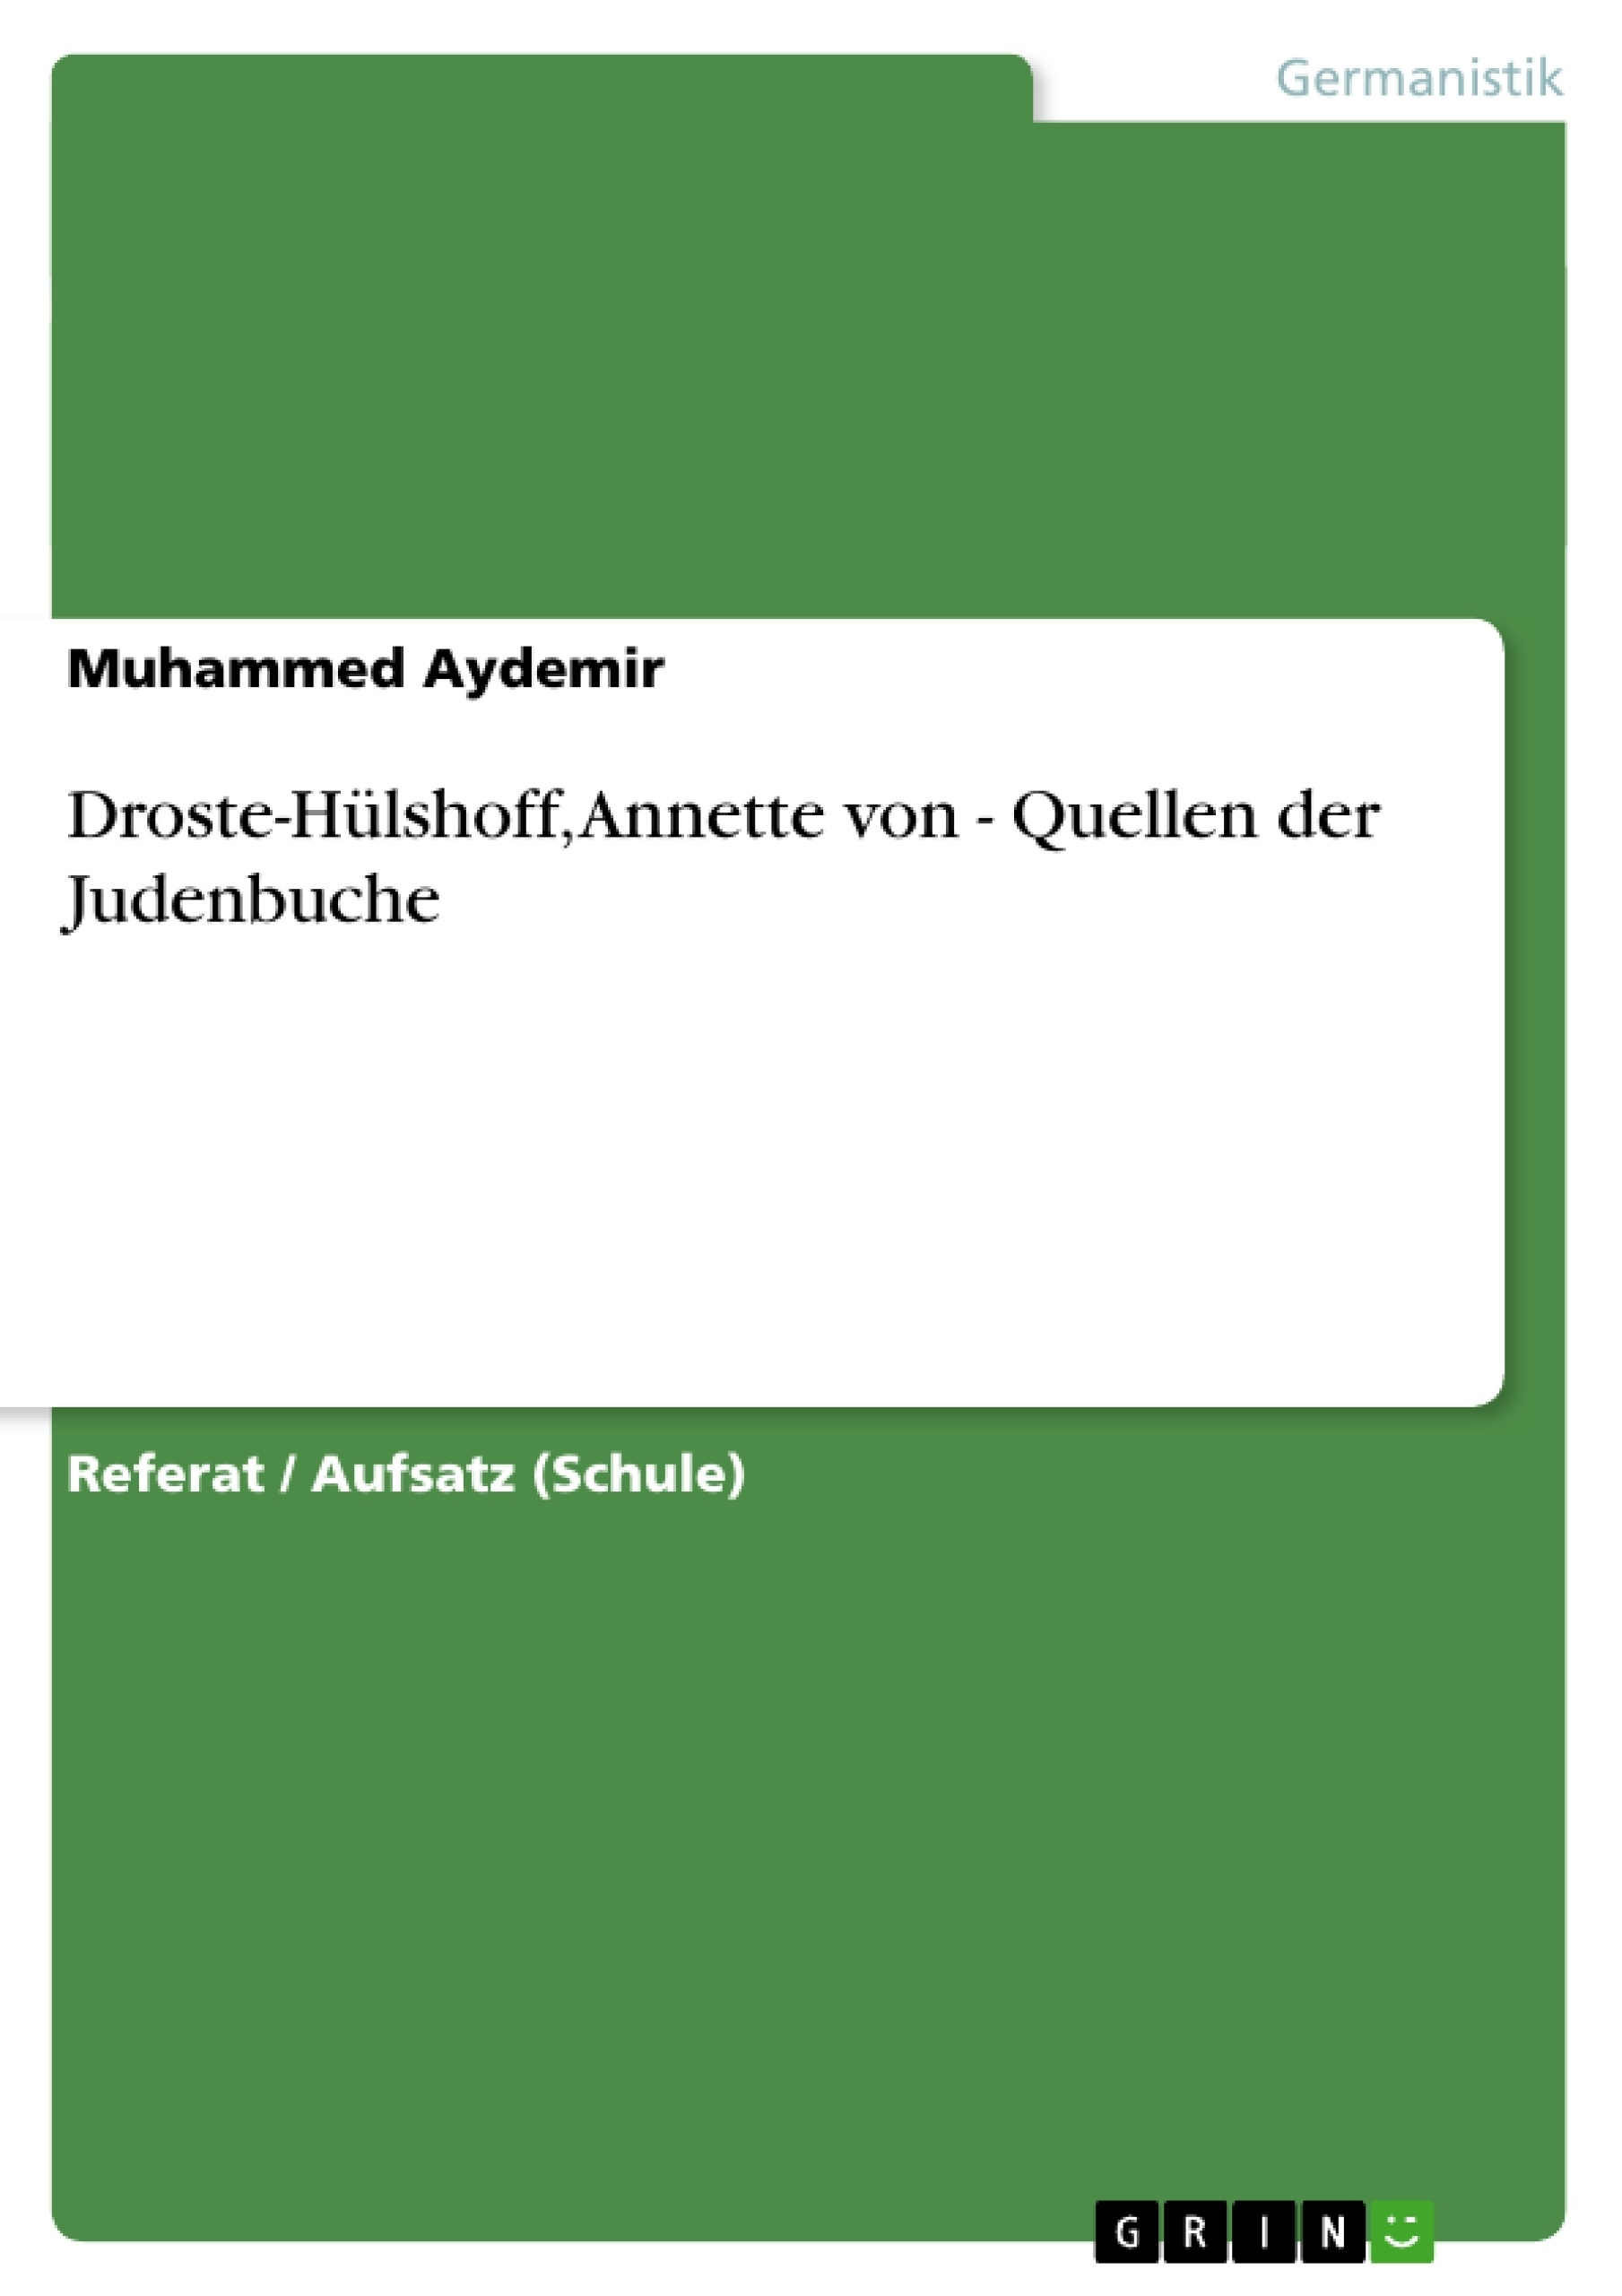 Titel: Droste-Hülshoff, Annette von - Quellen der Judenbuche